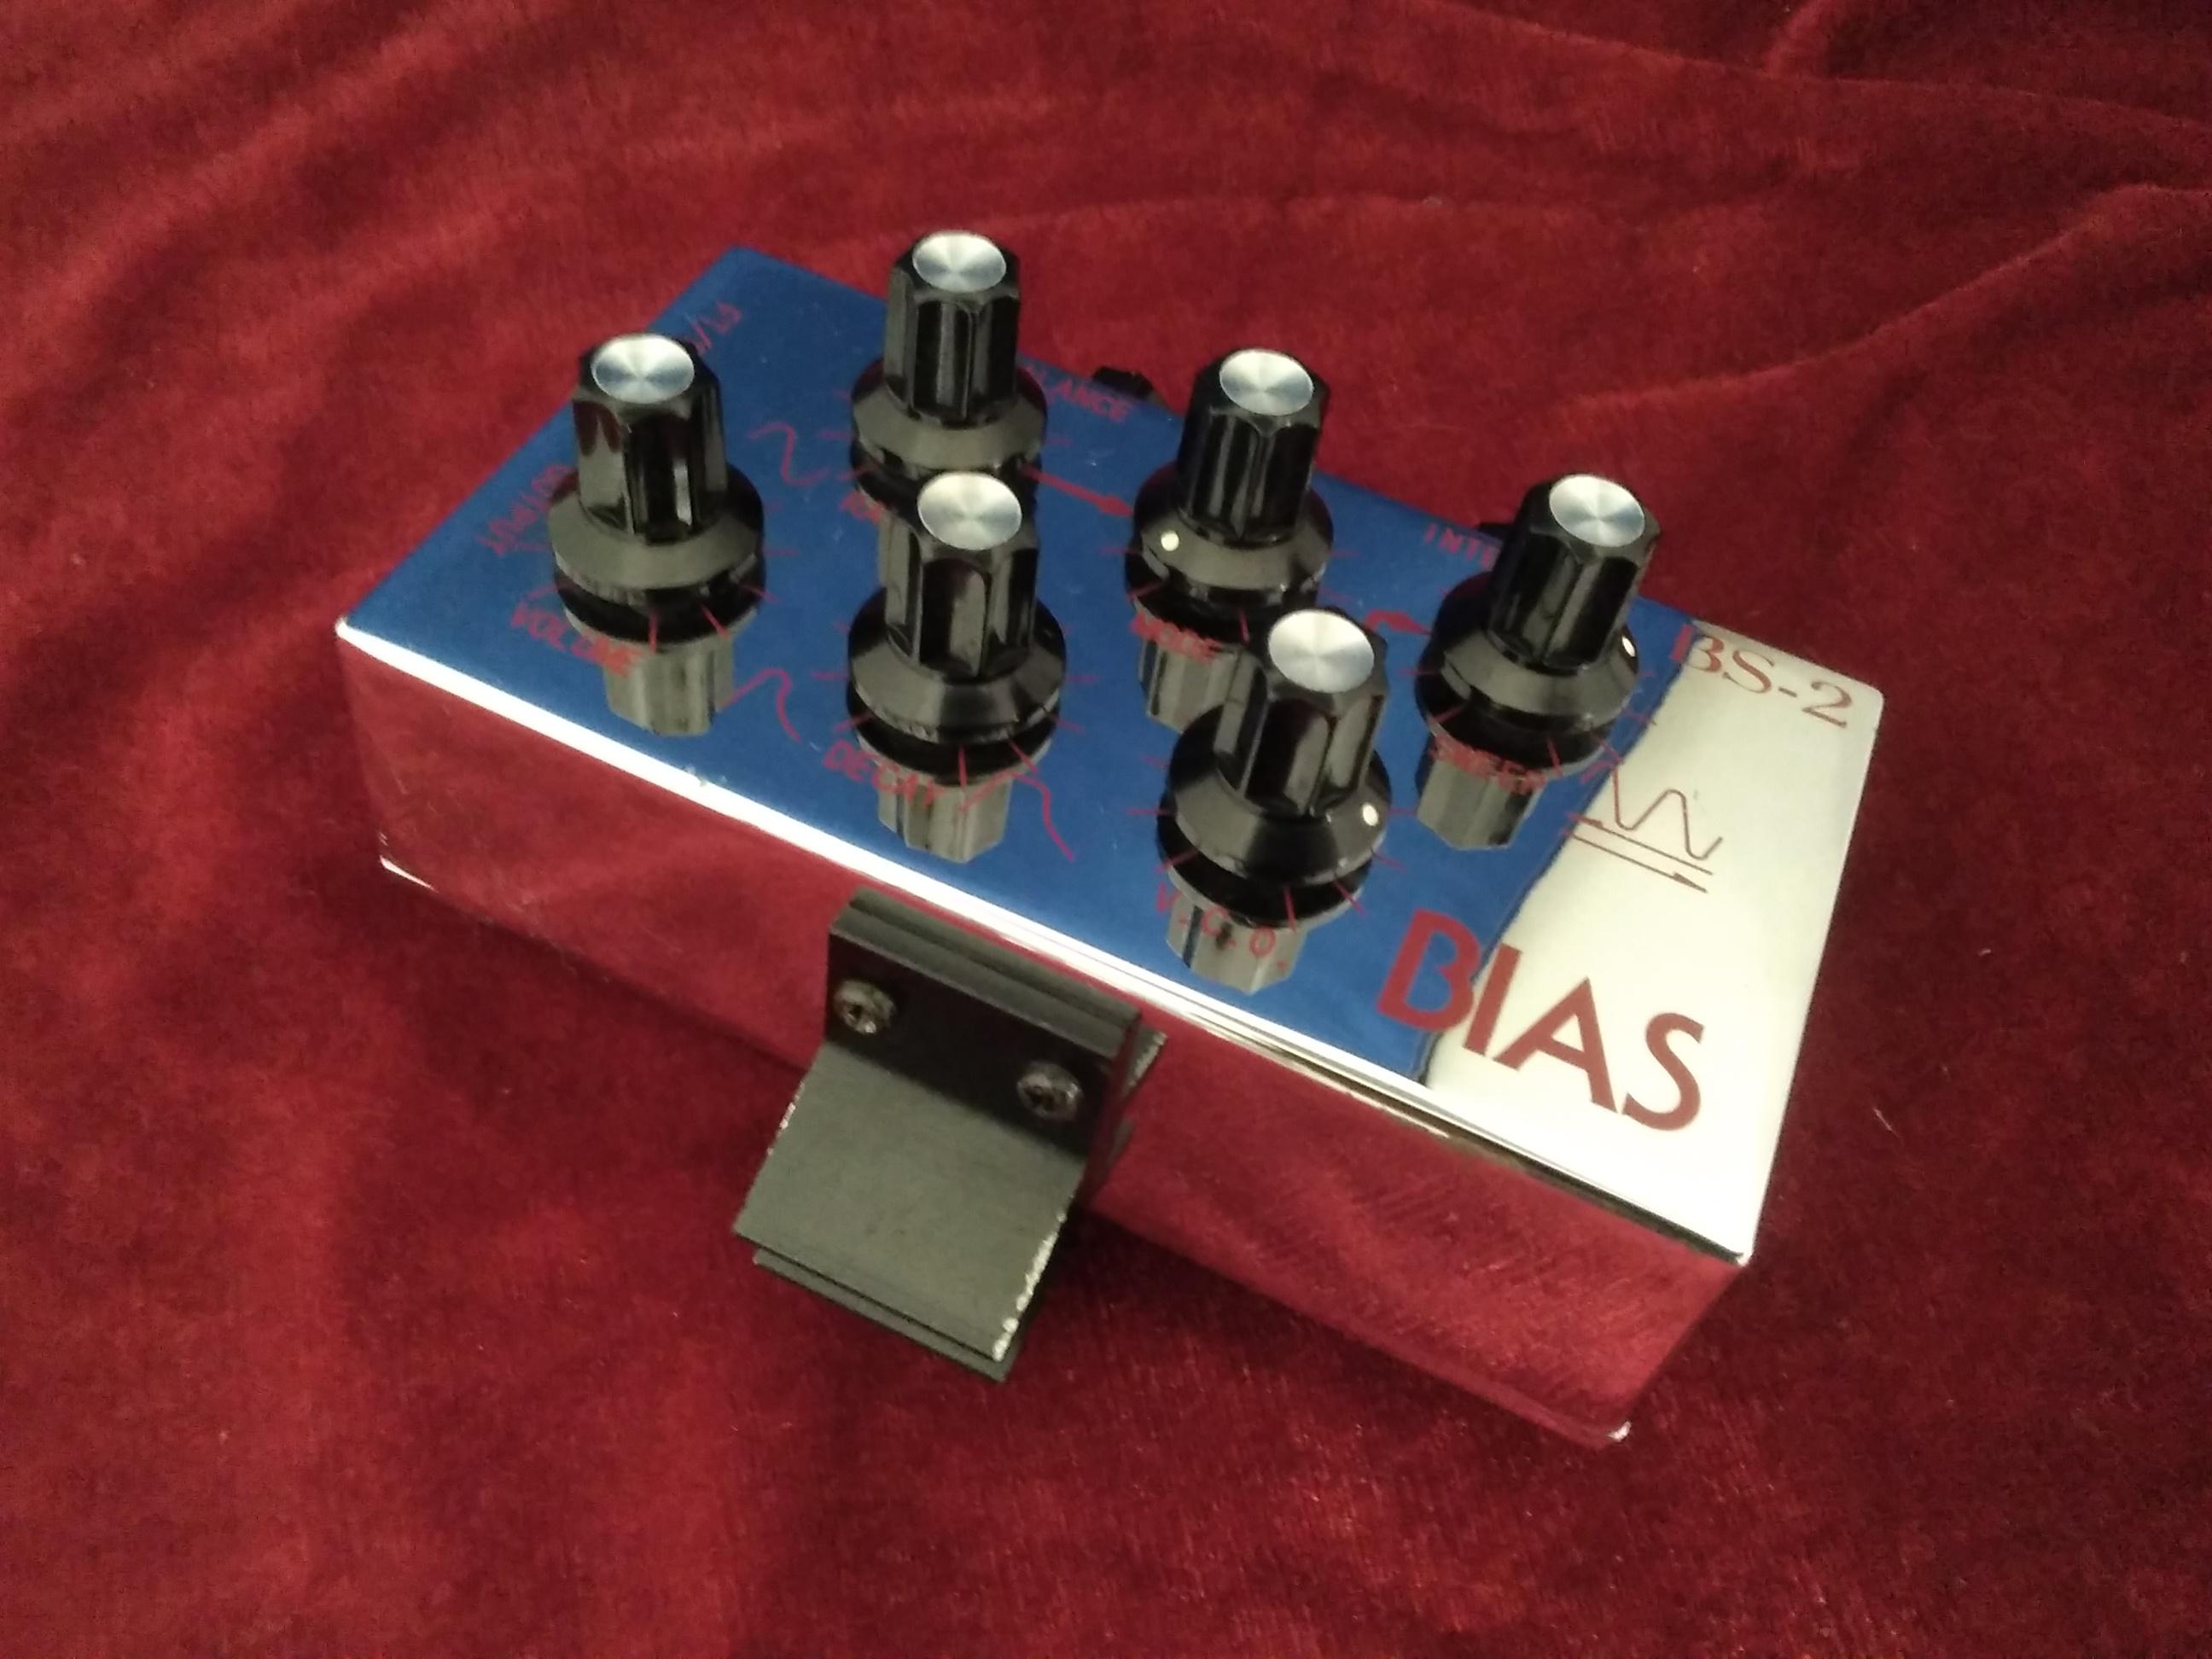 アナログドラムシンセサイザー|BIAS